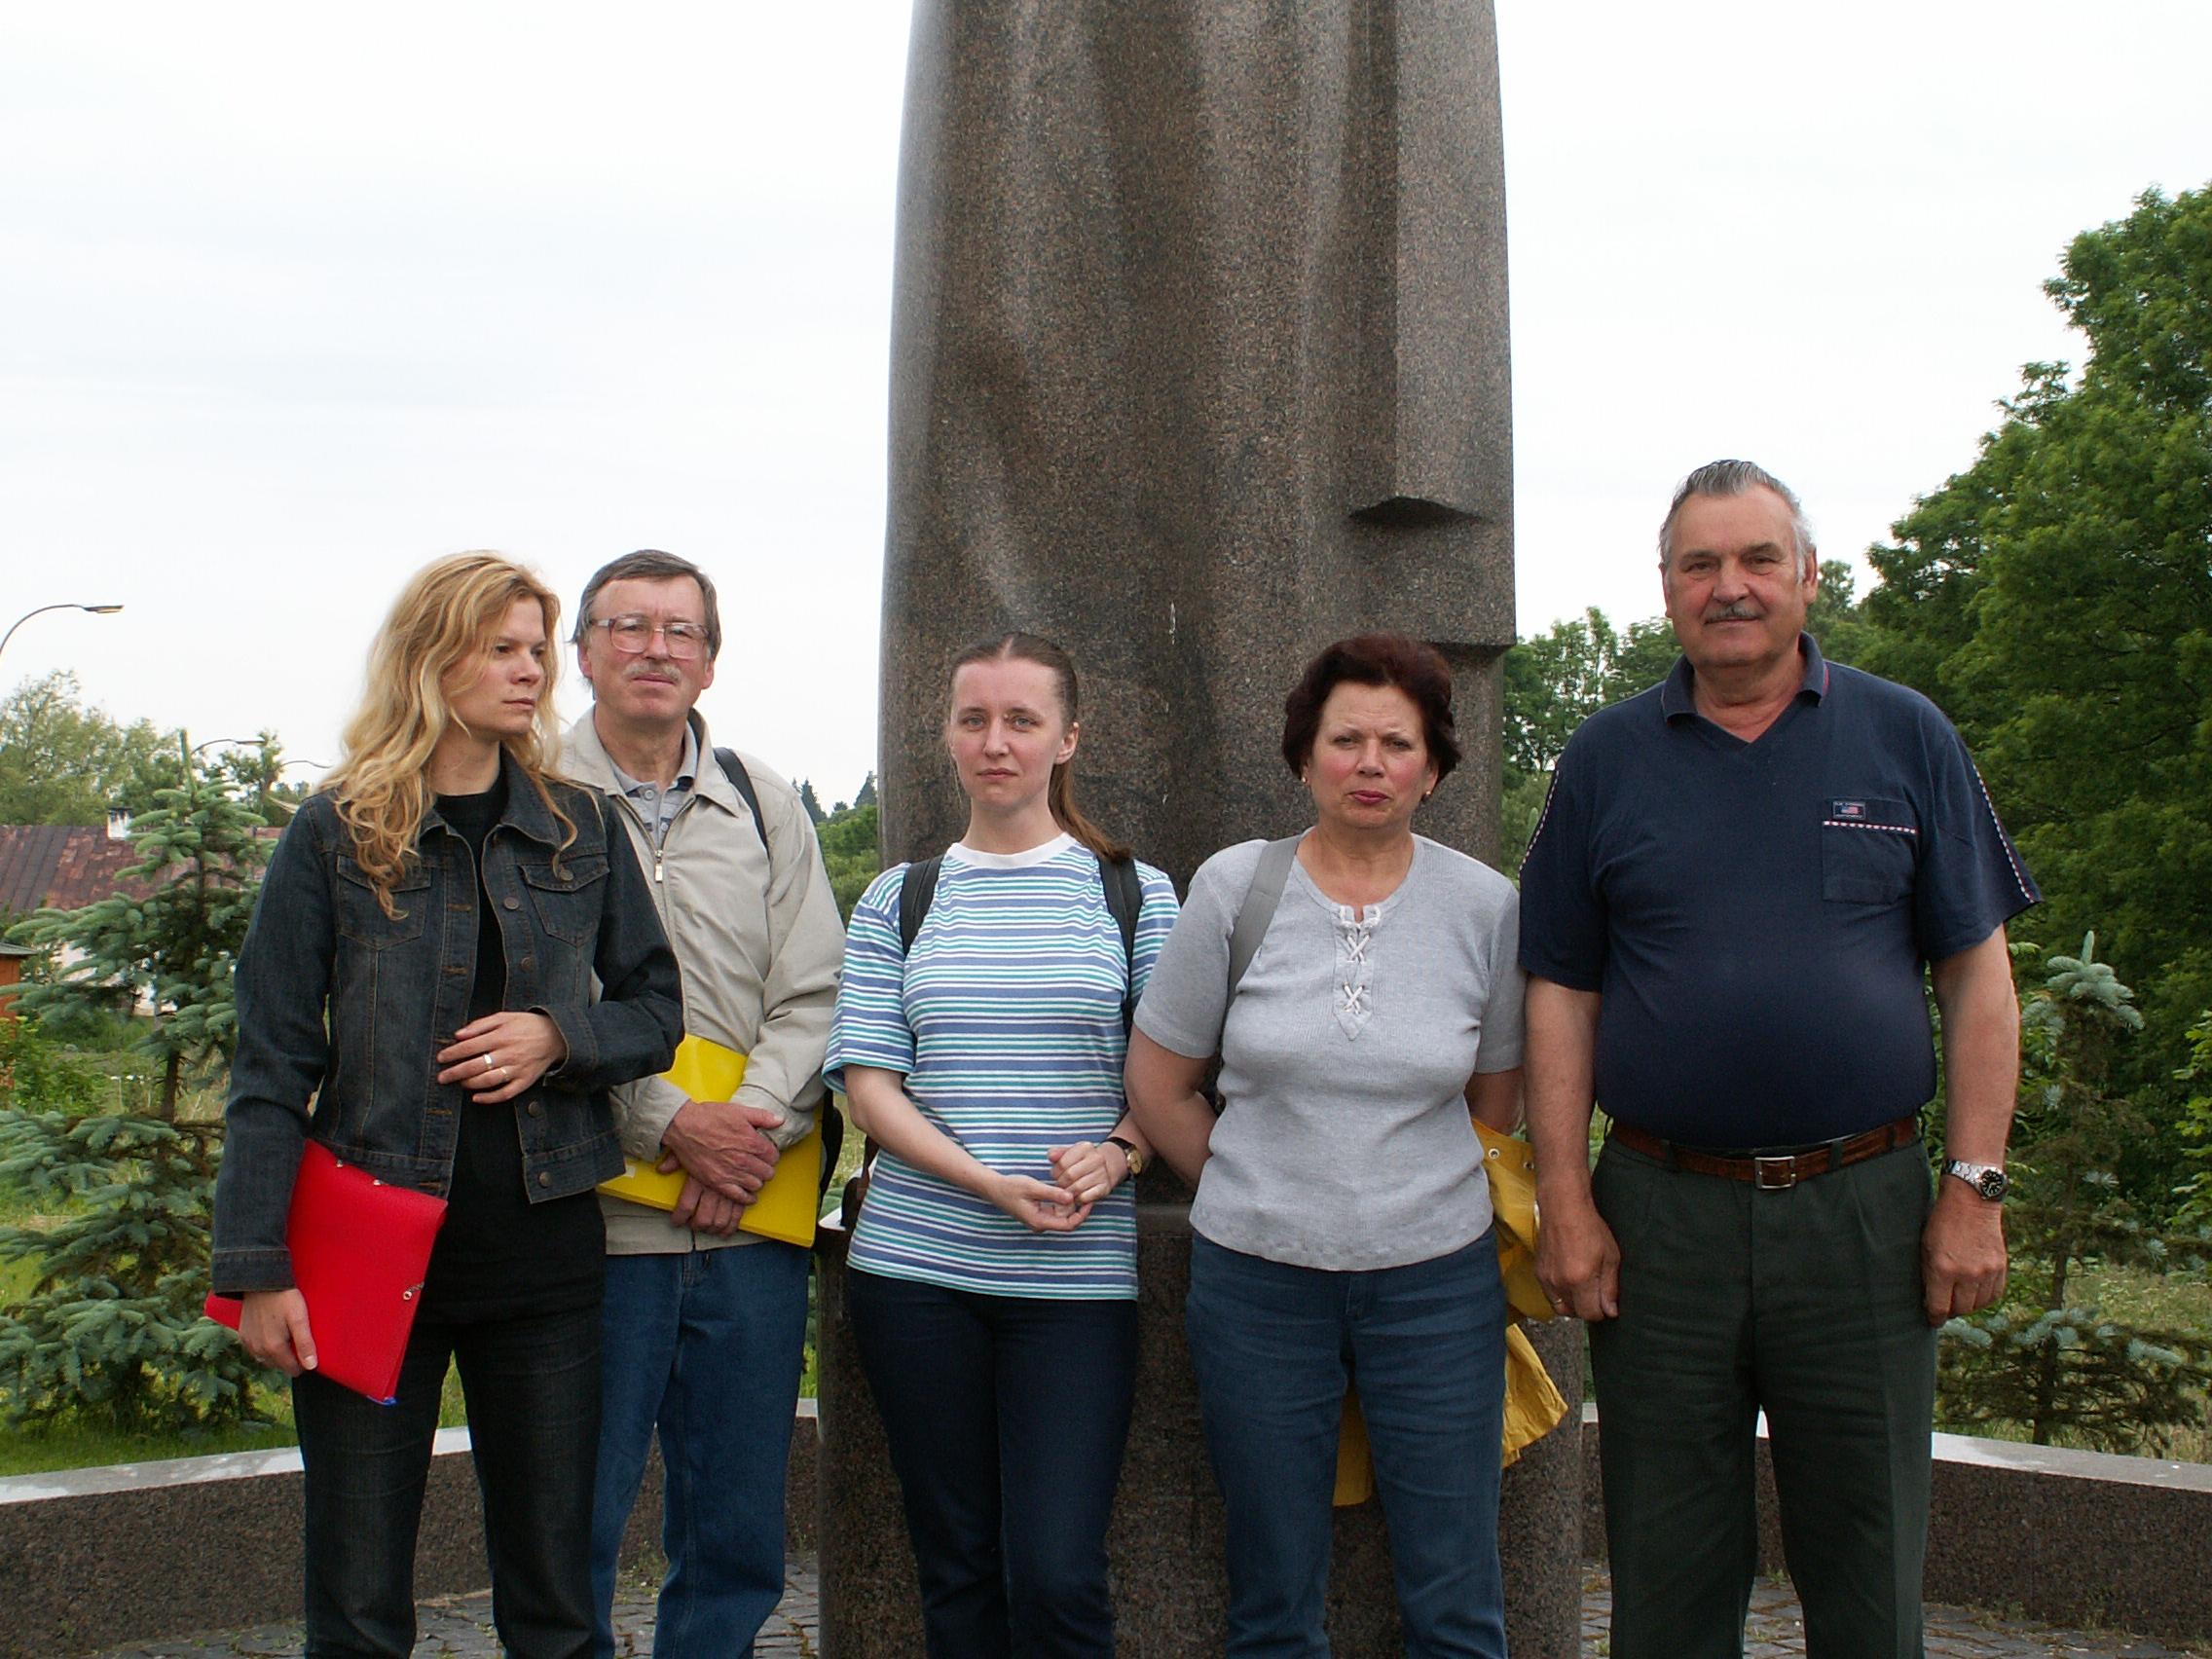 P. Kalnius su kolegomis (iš kairės: laborantė Asta Valinskaitė-Buinevičienė, dr. Petras Kalnius, doktorantė Danguolė Svidinskaitė, dailininkė Rita Butvilienė, vairuotojas Stanislovas Kvakšys) ekspedicijoje Seinuose (prie paminklo A. Baranauskui ). 2005 m. | Ž. Šaknio nuotrauka